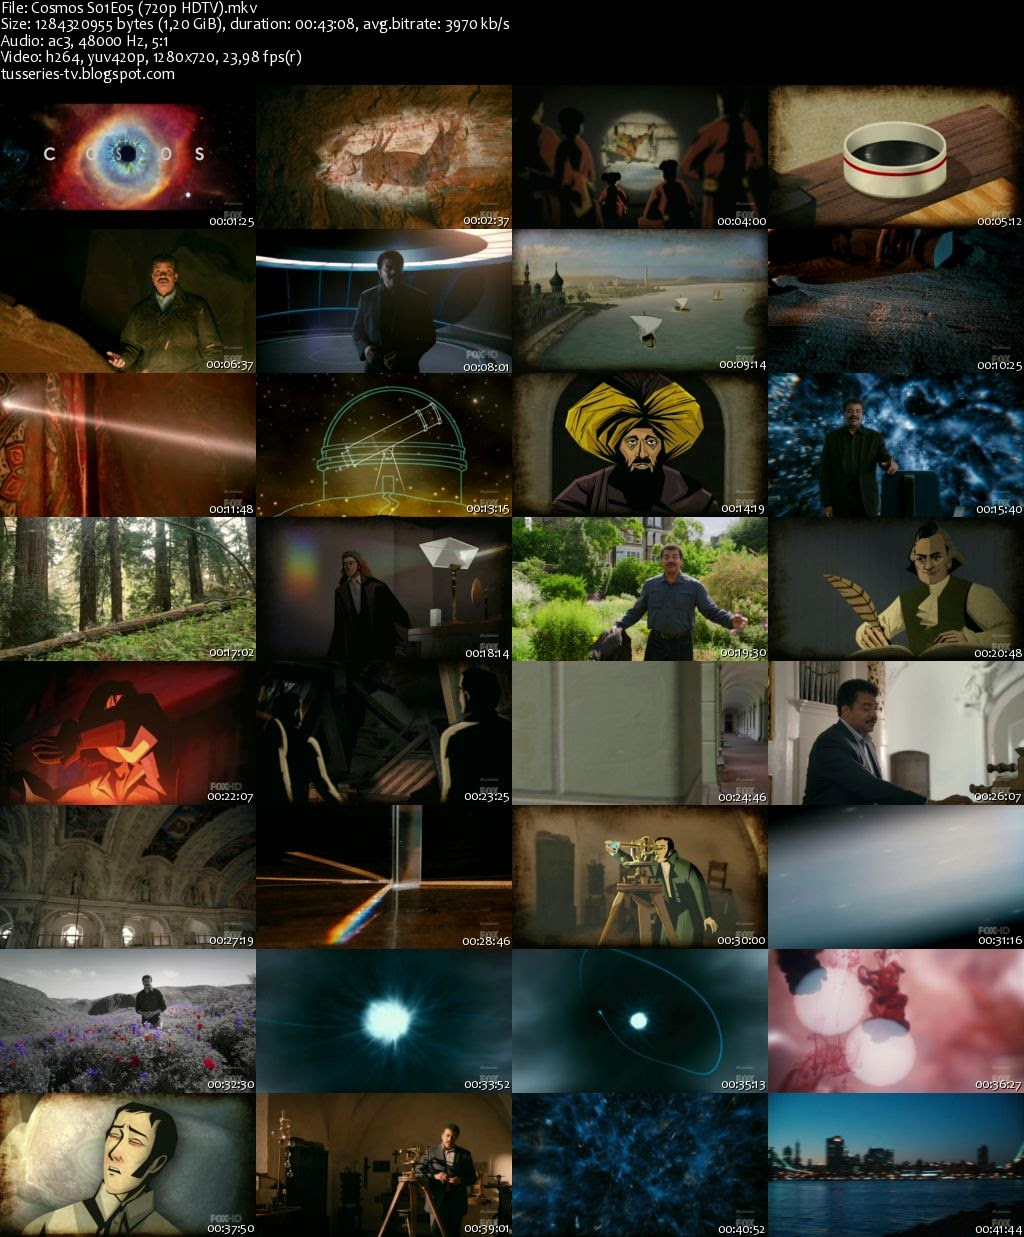 Cosmos a space odyssey S01e03